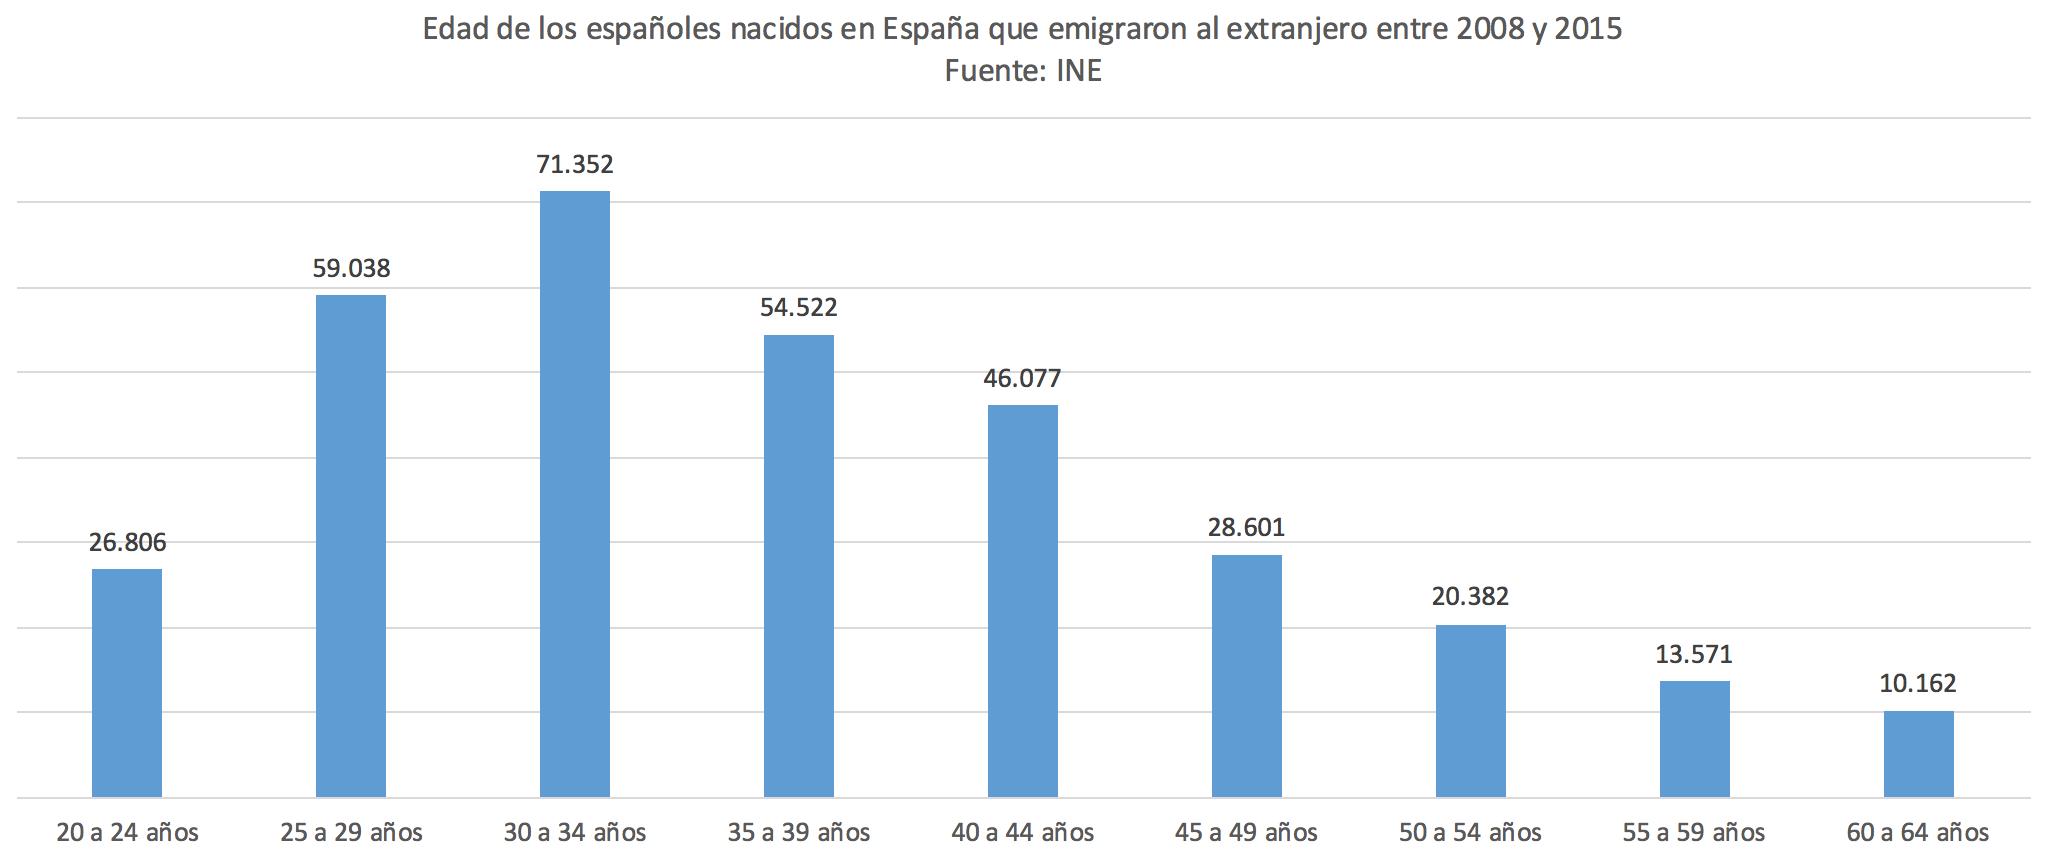 3-Flujo-emigrantes-nacidos-Espana-por-ed